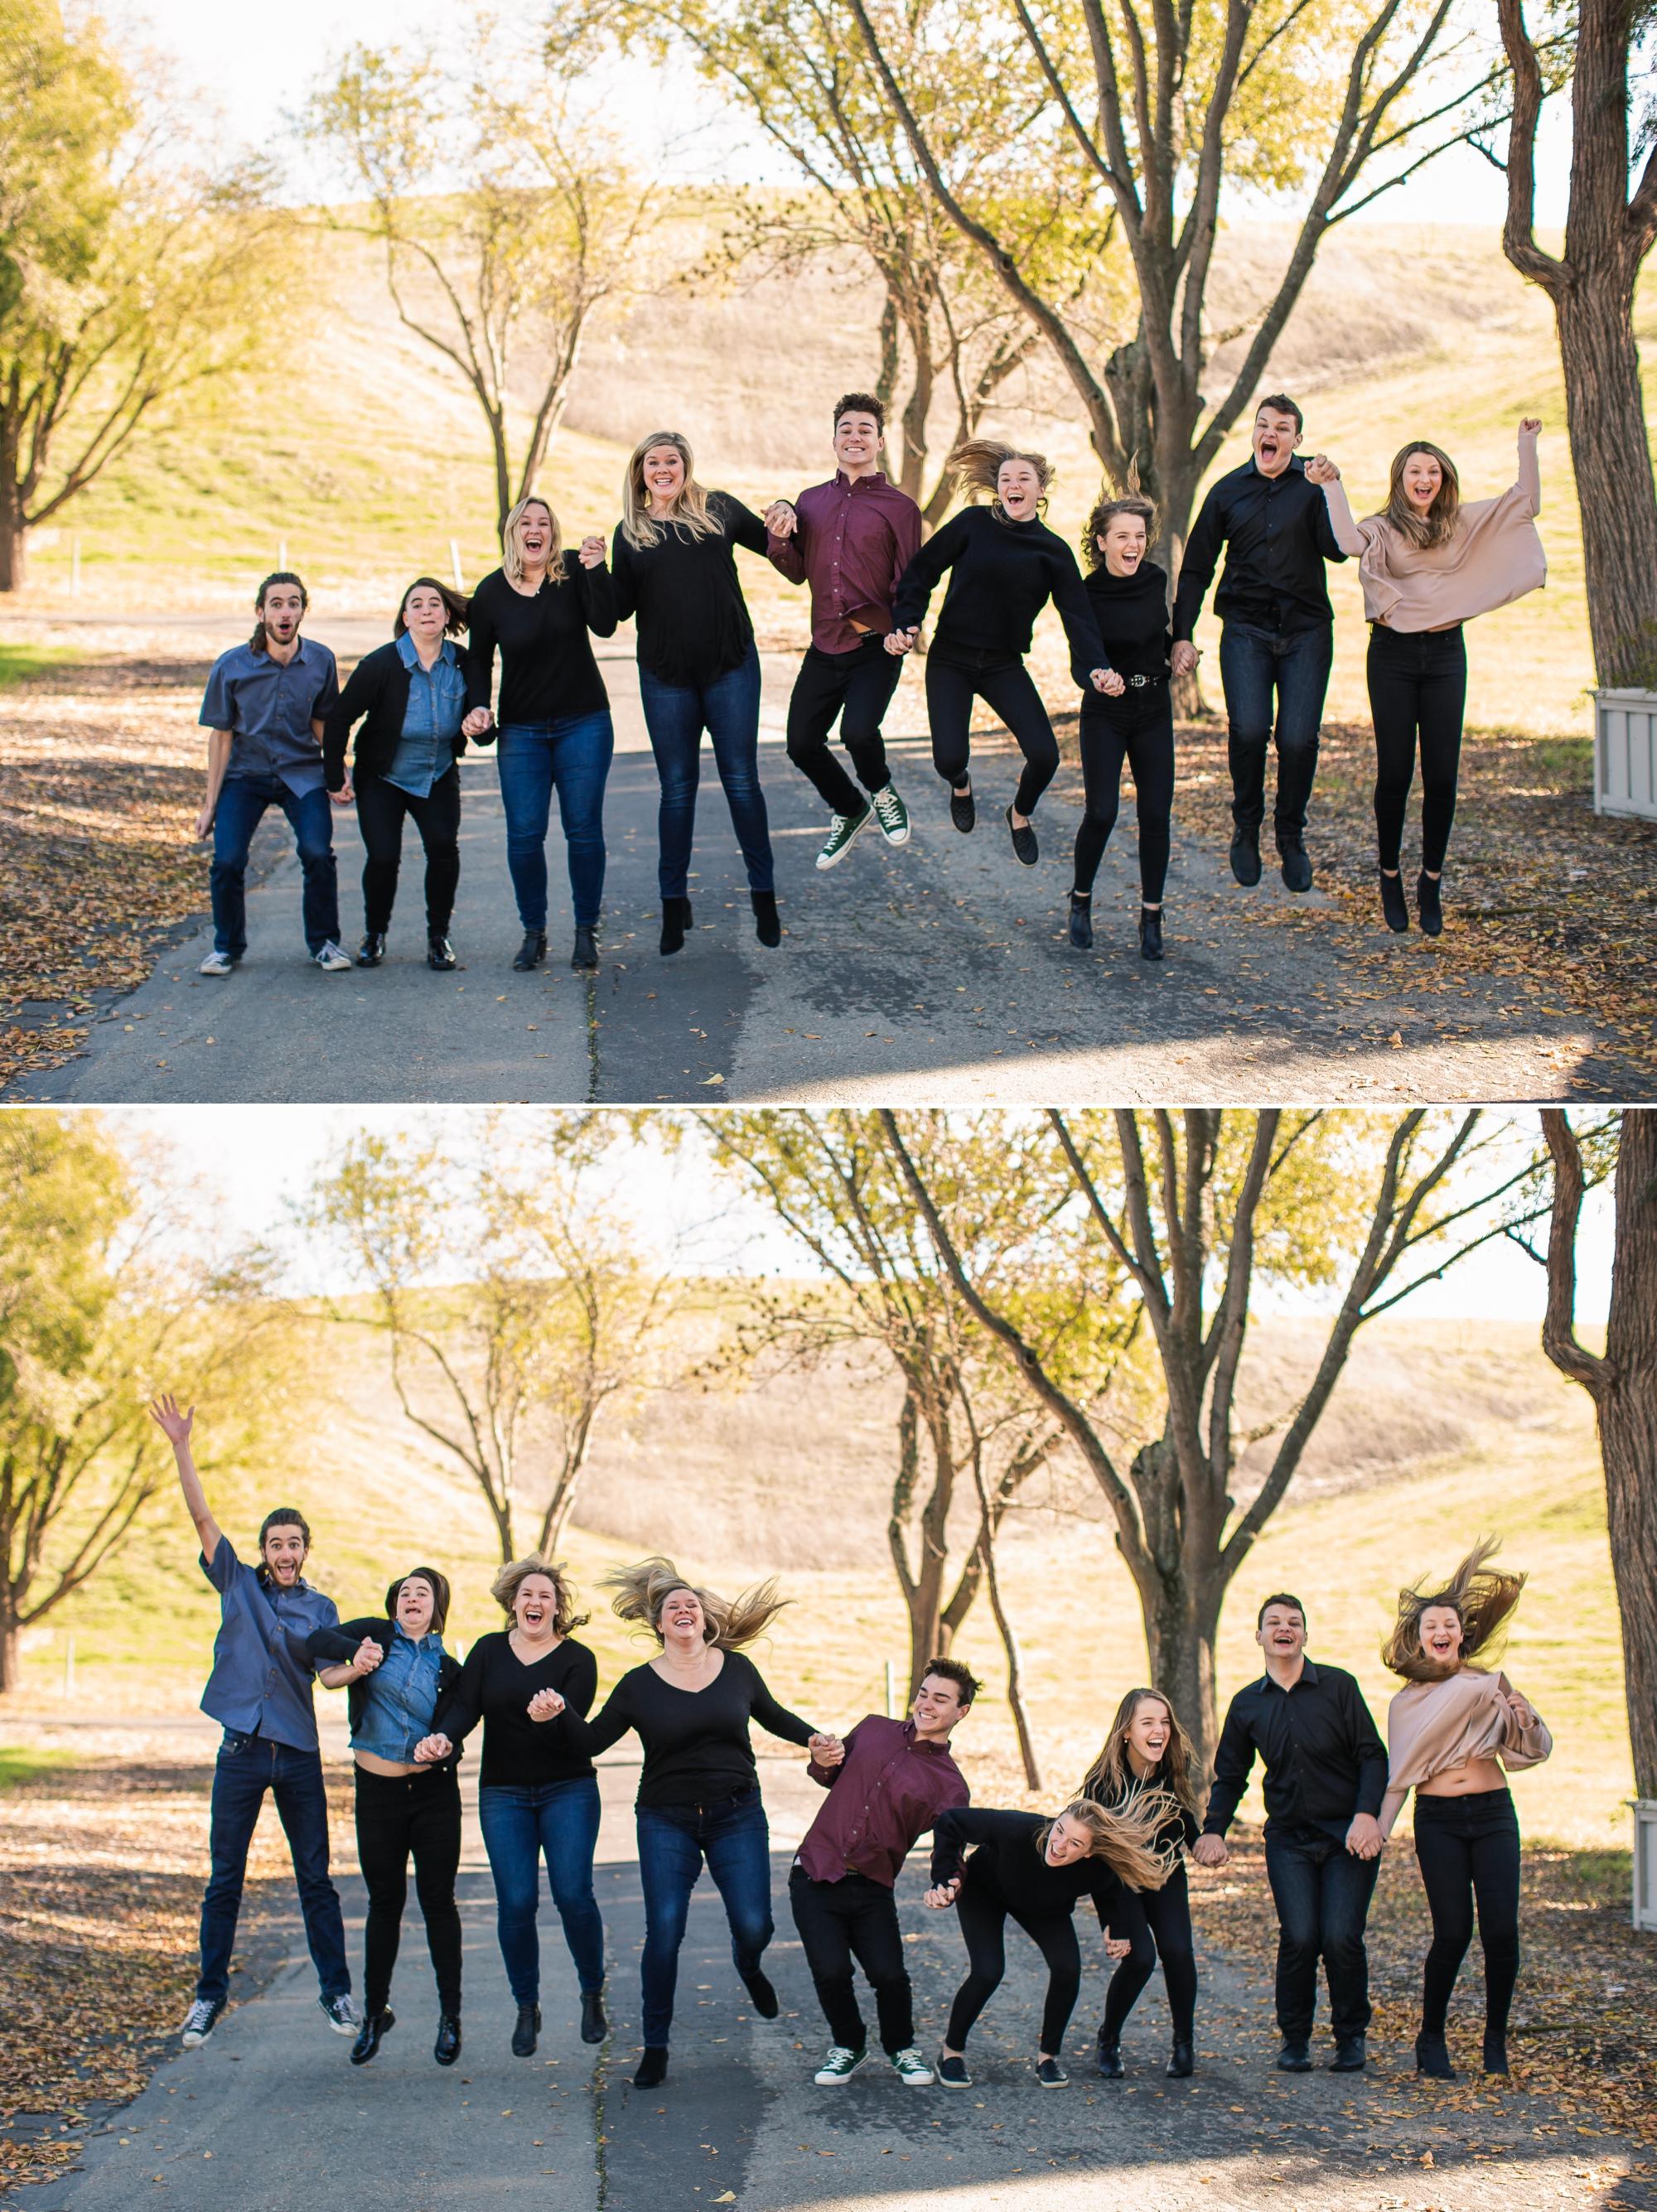 danville california family session 7.jpg